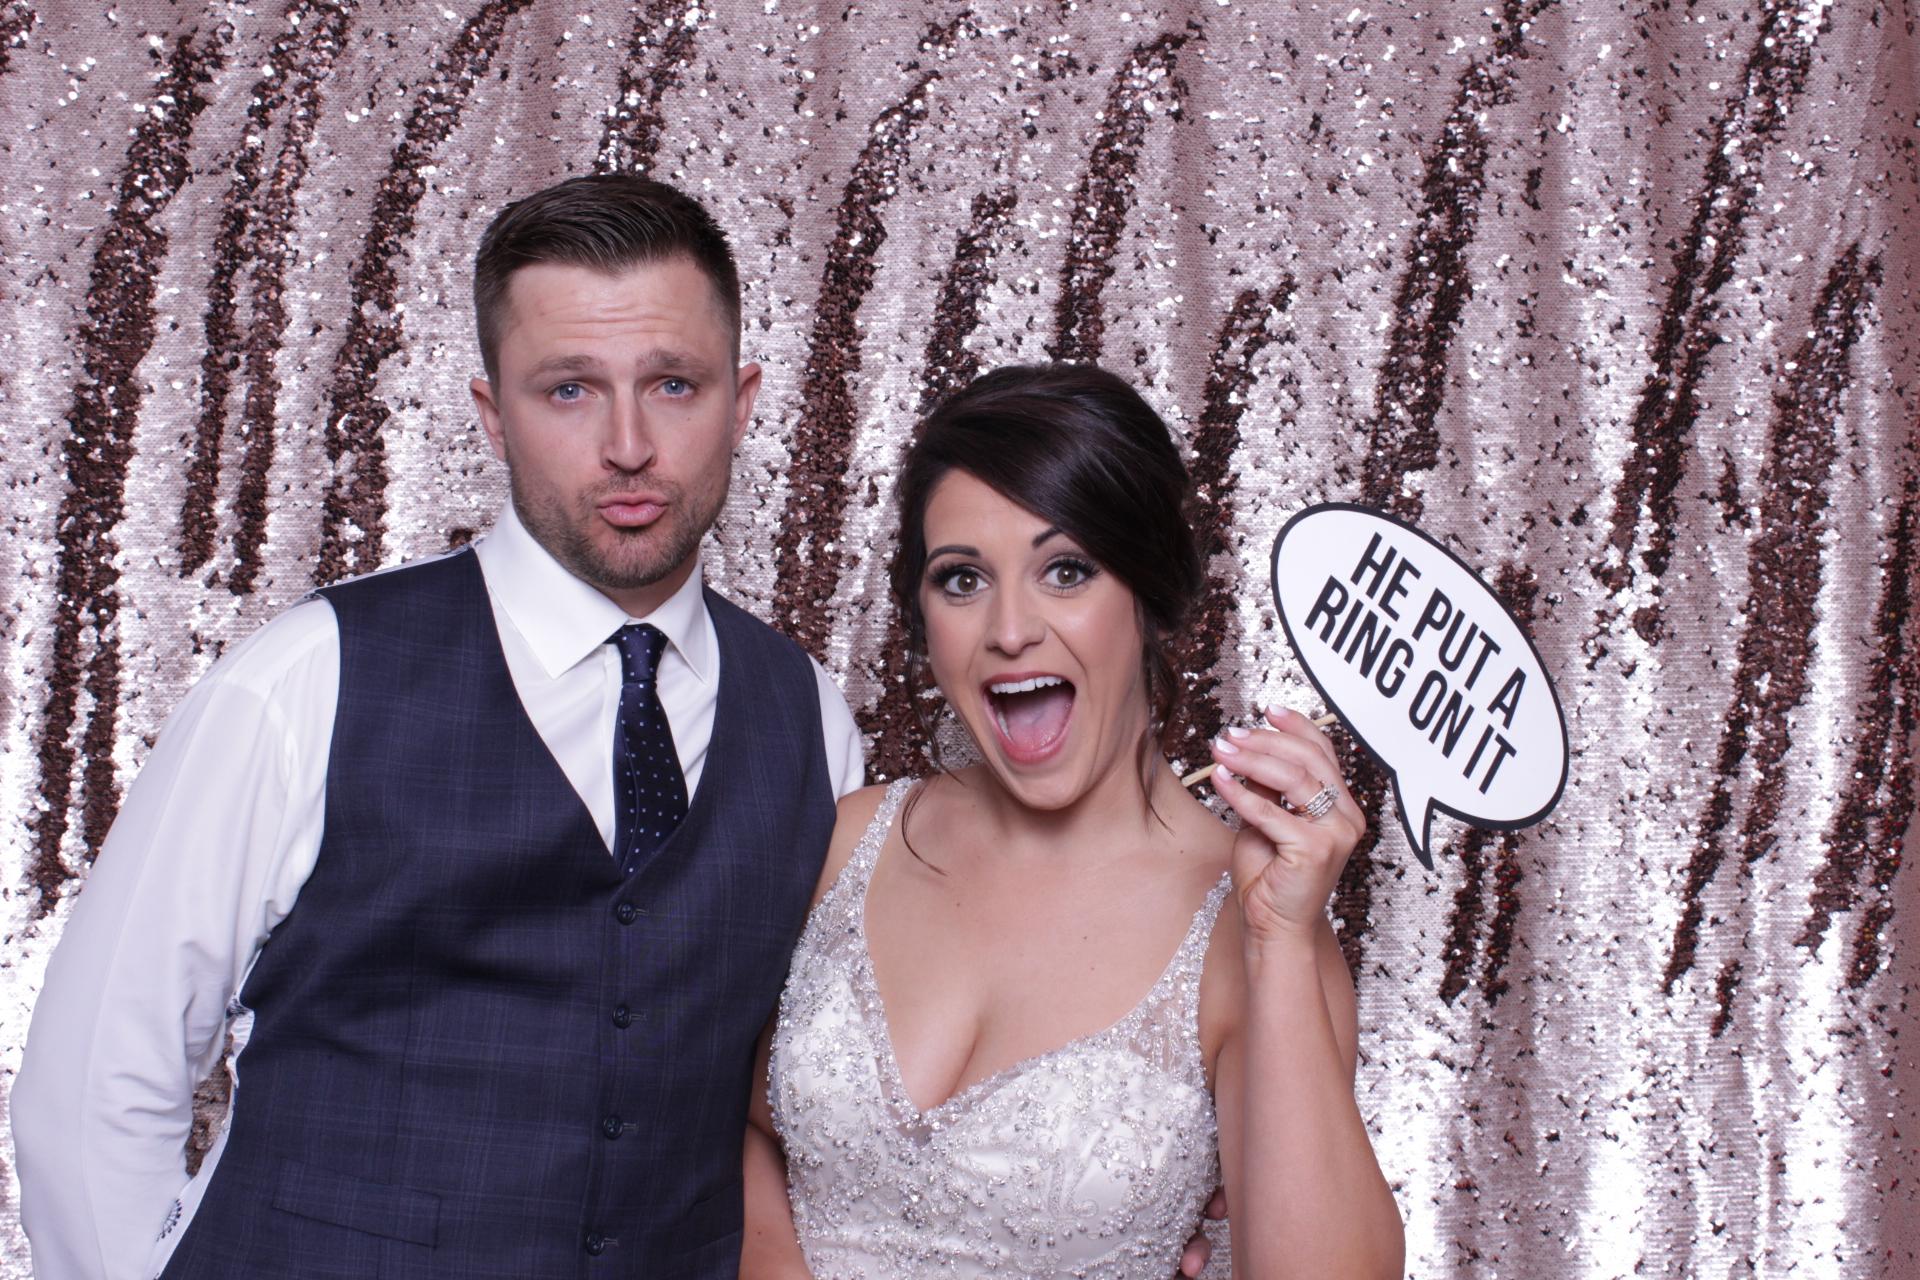 Rachel + Shane - Aldea Weddings at the Landmark, Mesa, AZ03/16/2018